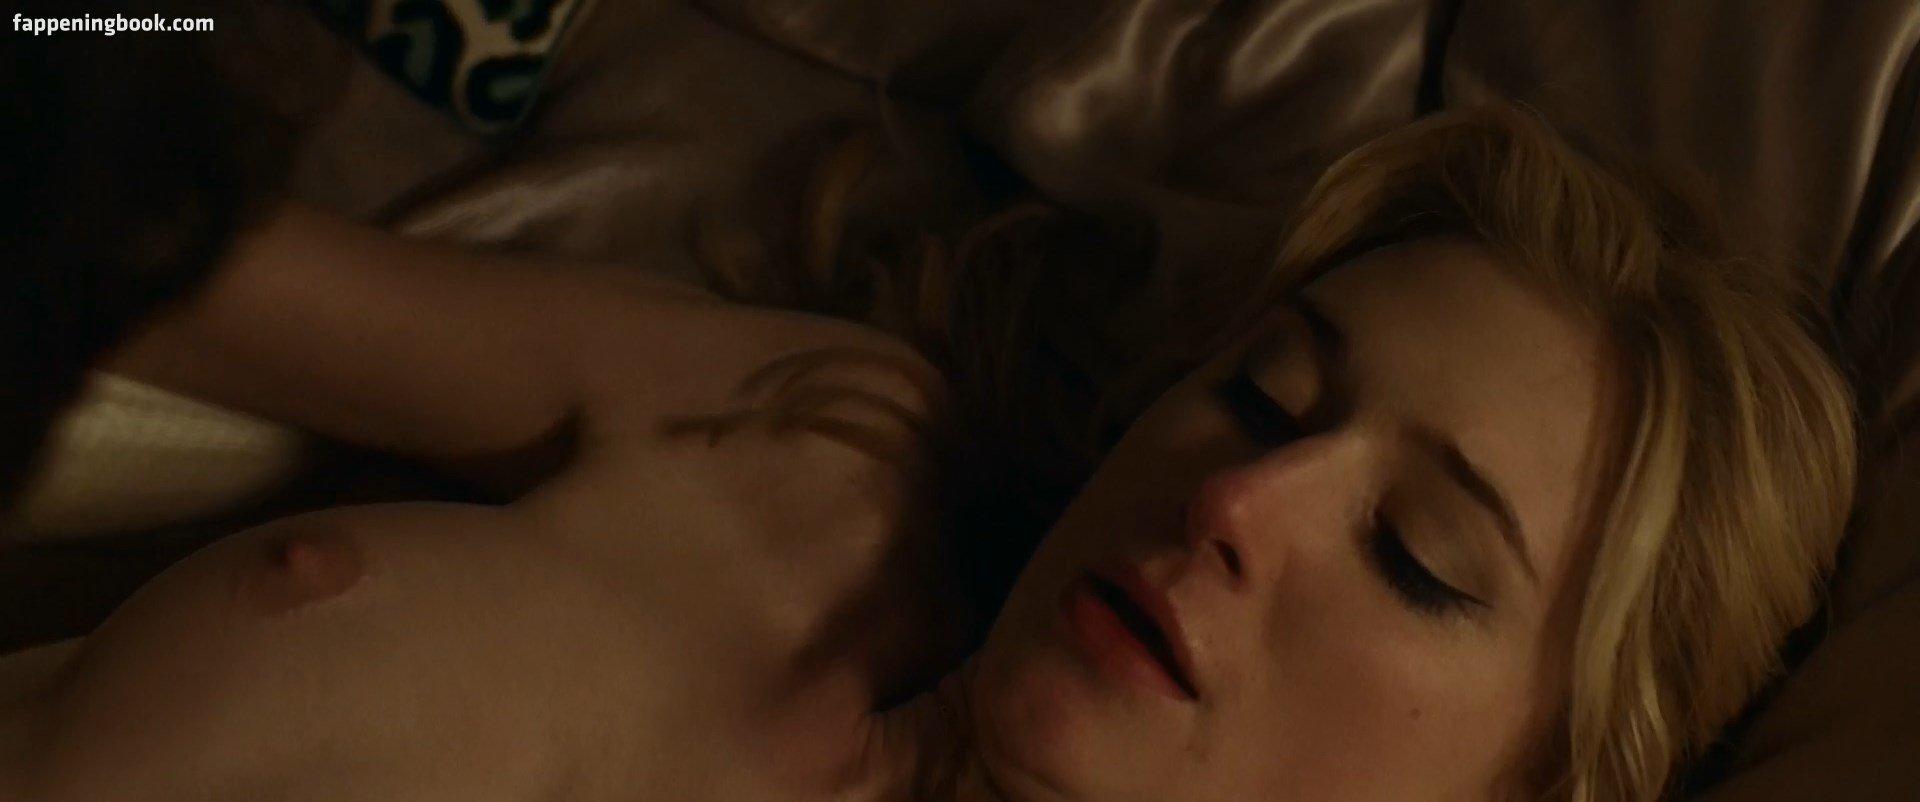 Elizabeth Debicki Nude